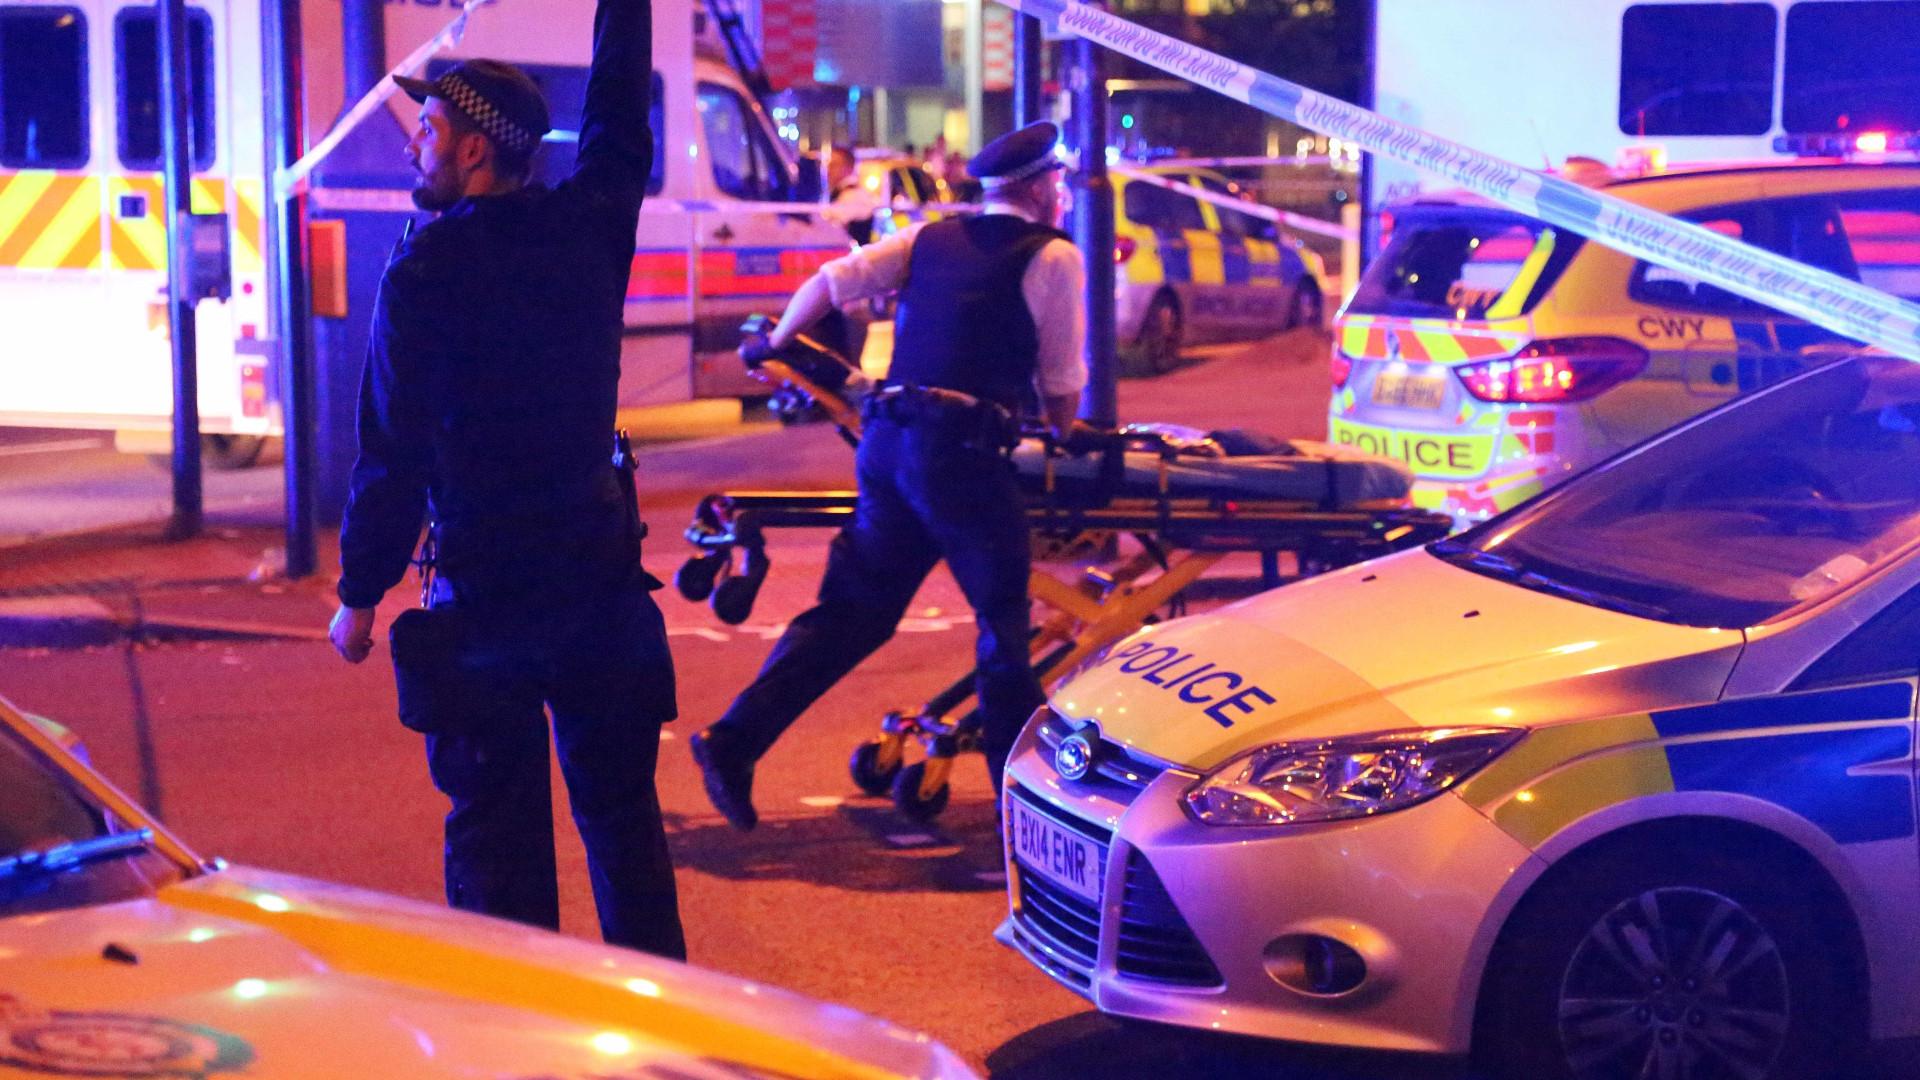 Londres: Momento em que condutor da carrinha é preso pelos populares